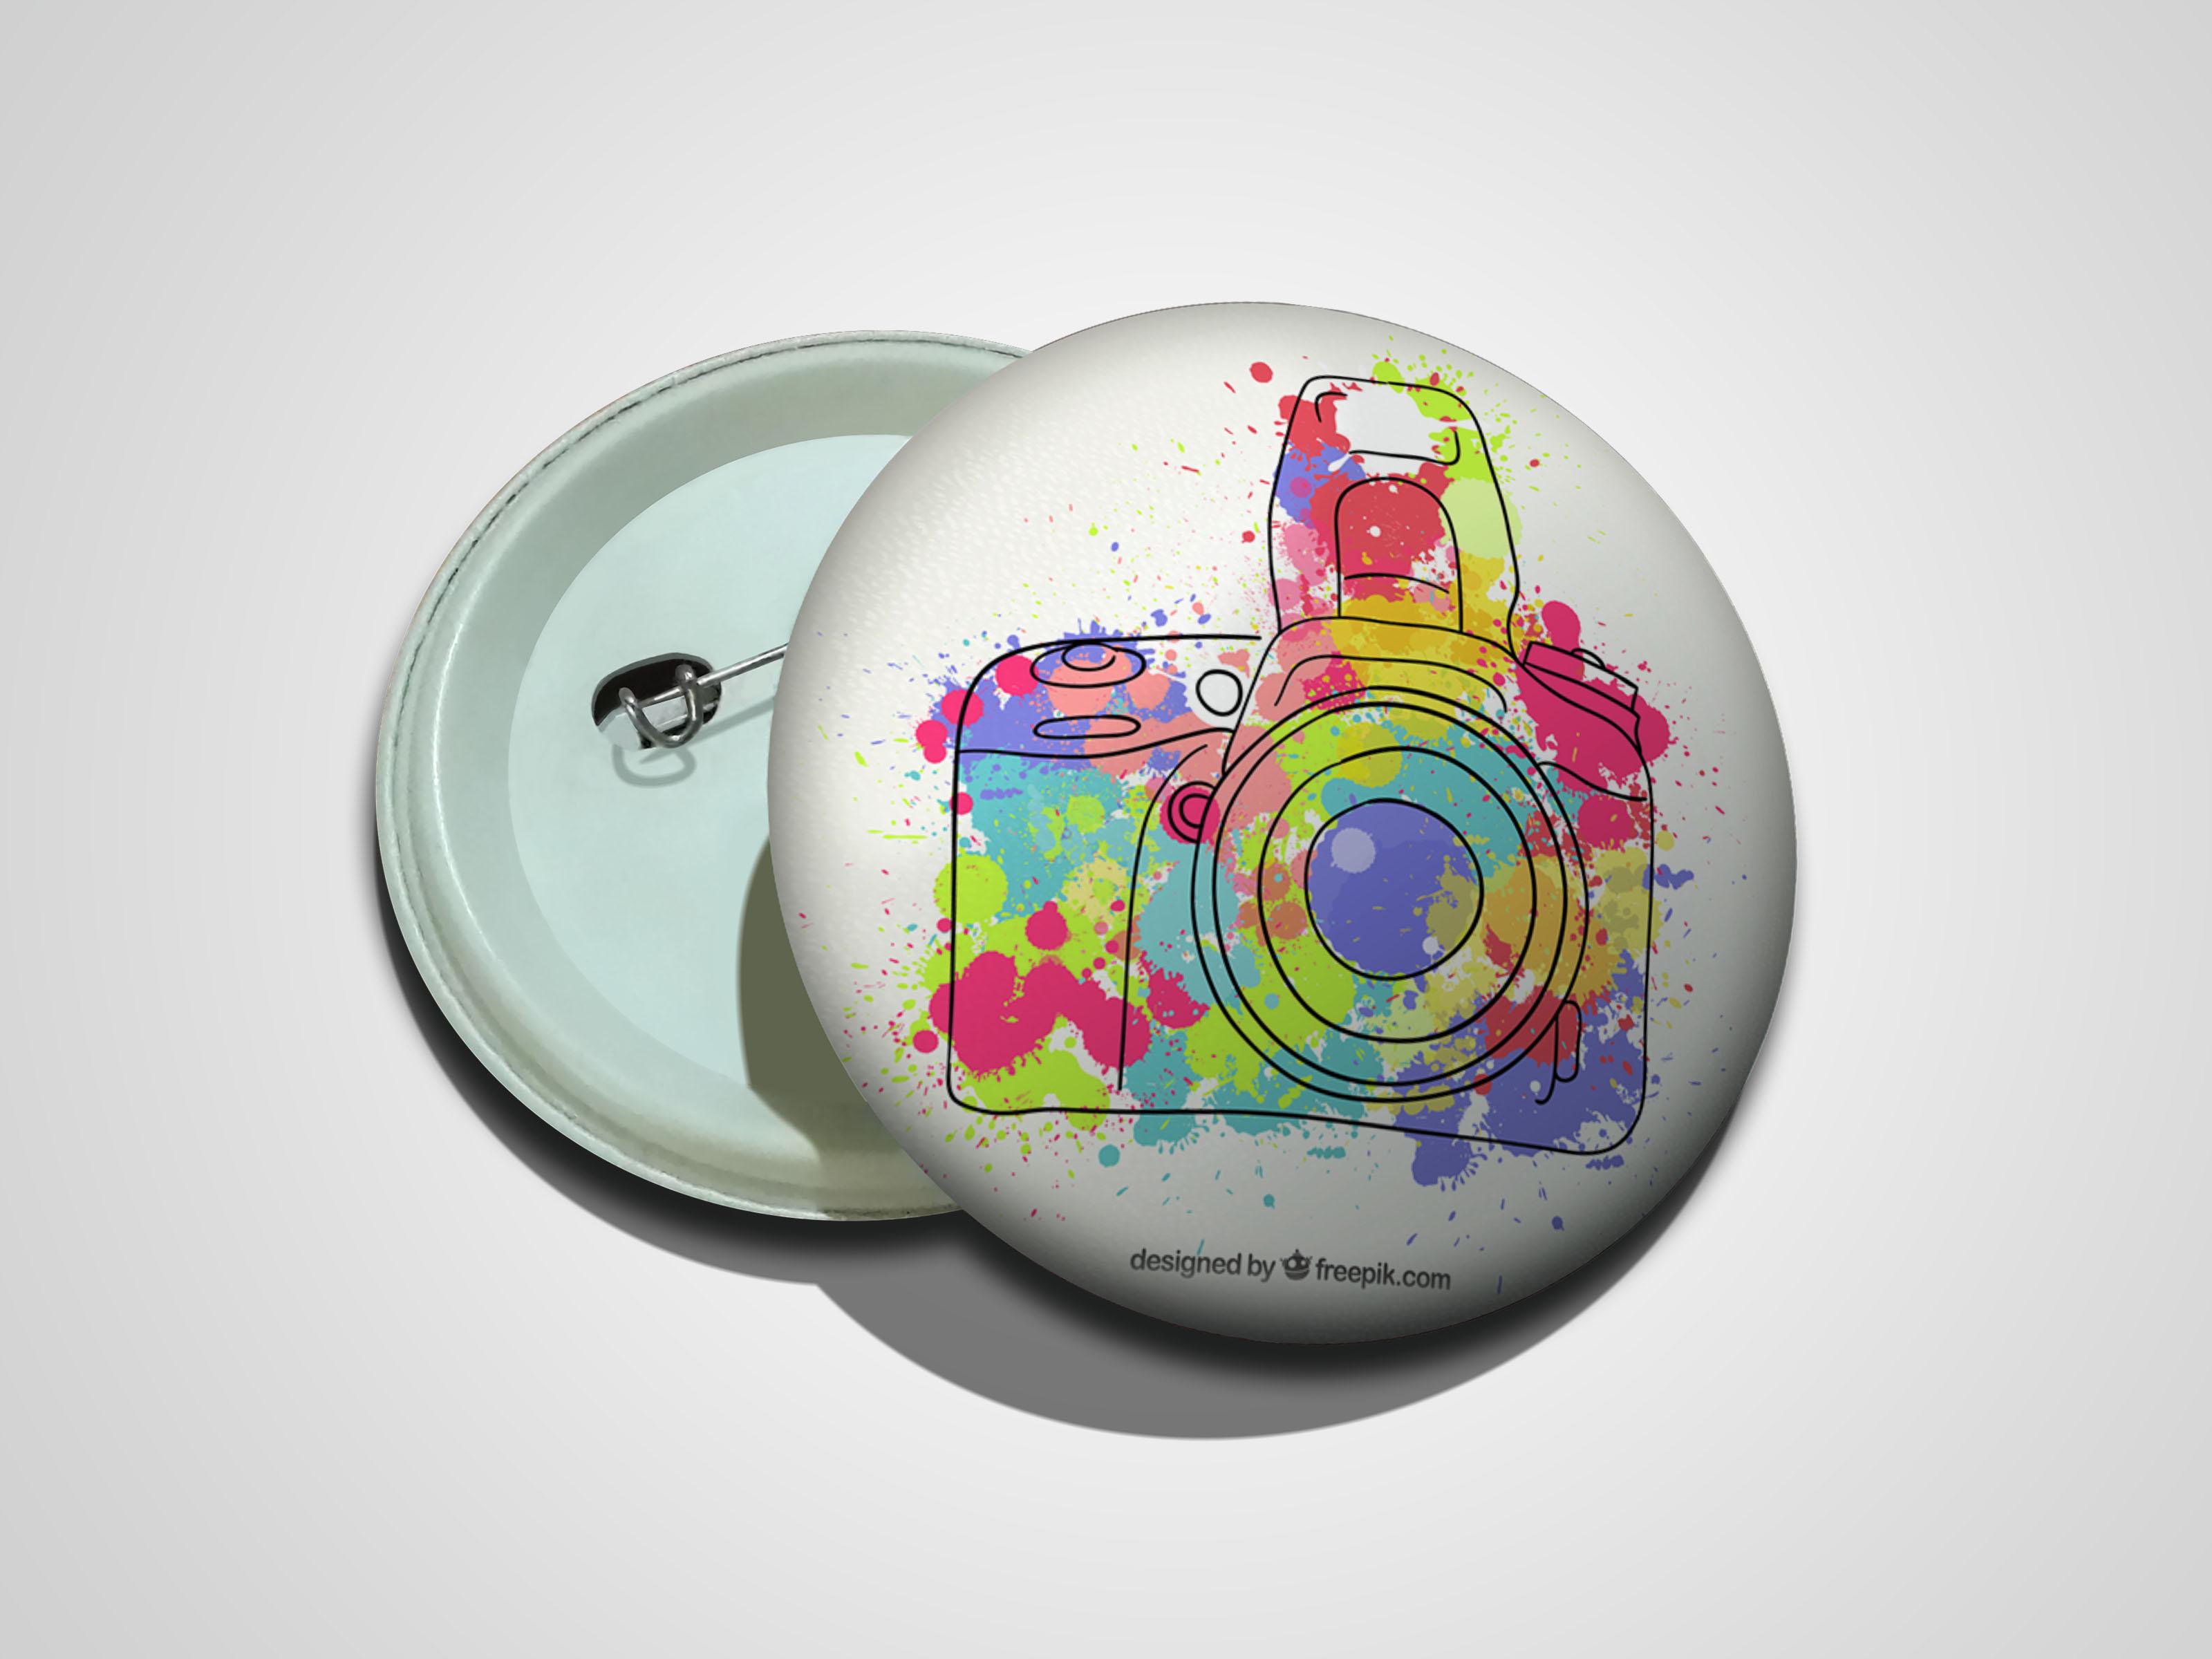 پیکسل سوزنی طرح دوربین رنگی کد 01